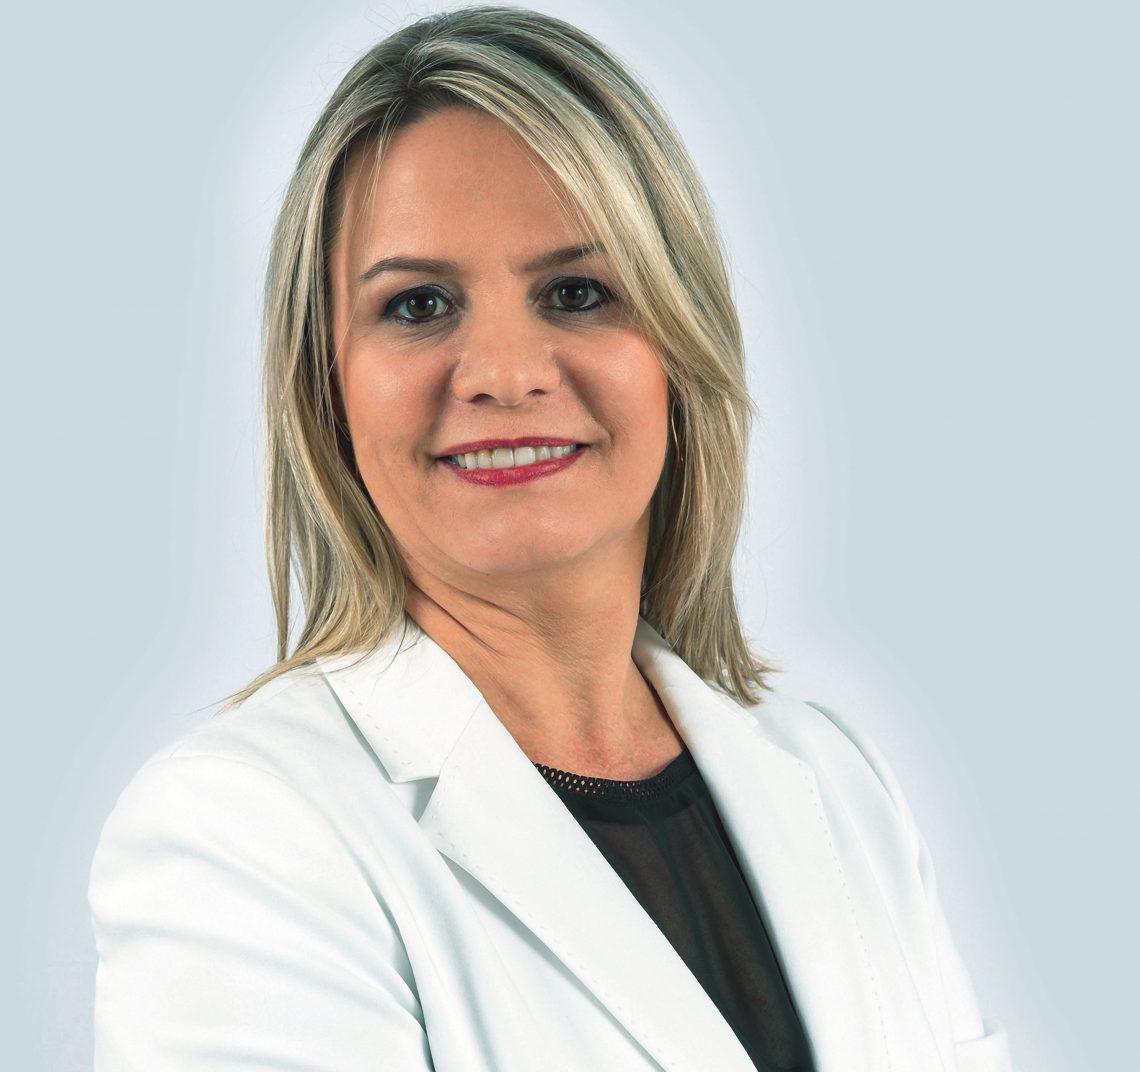 Mirian Maria Marques Pinheiro, Diretora do Hospital de Olhos Sadalla Amin Ghanem,